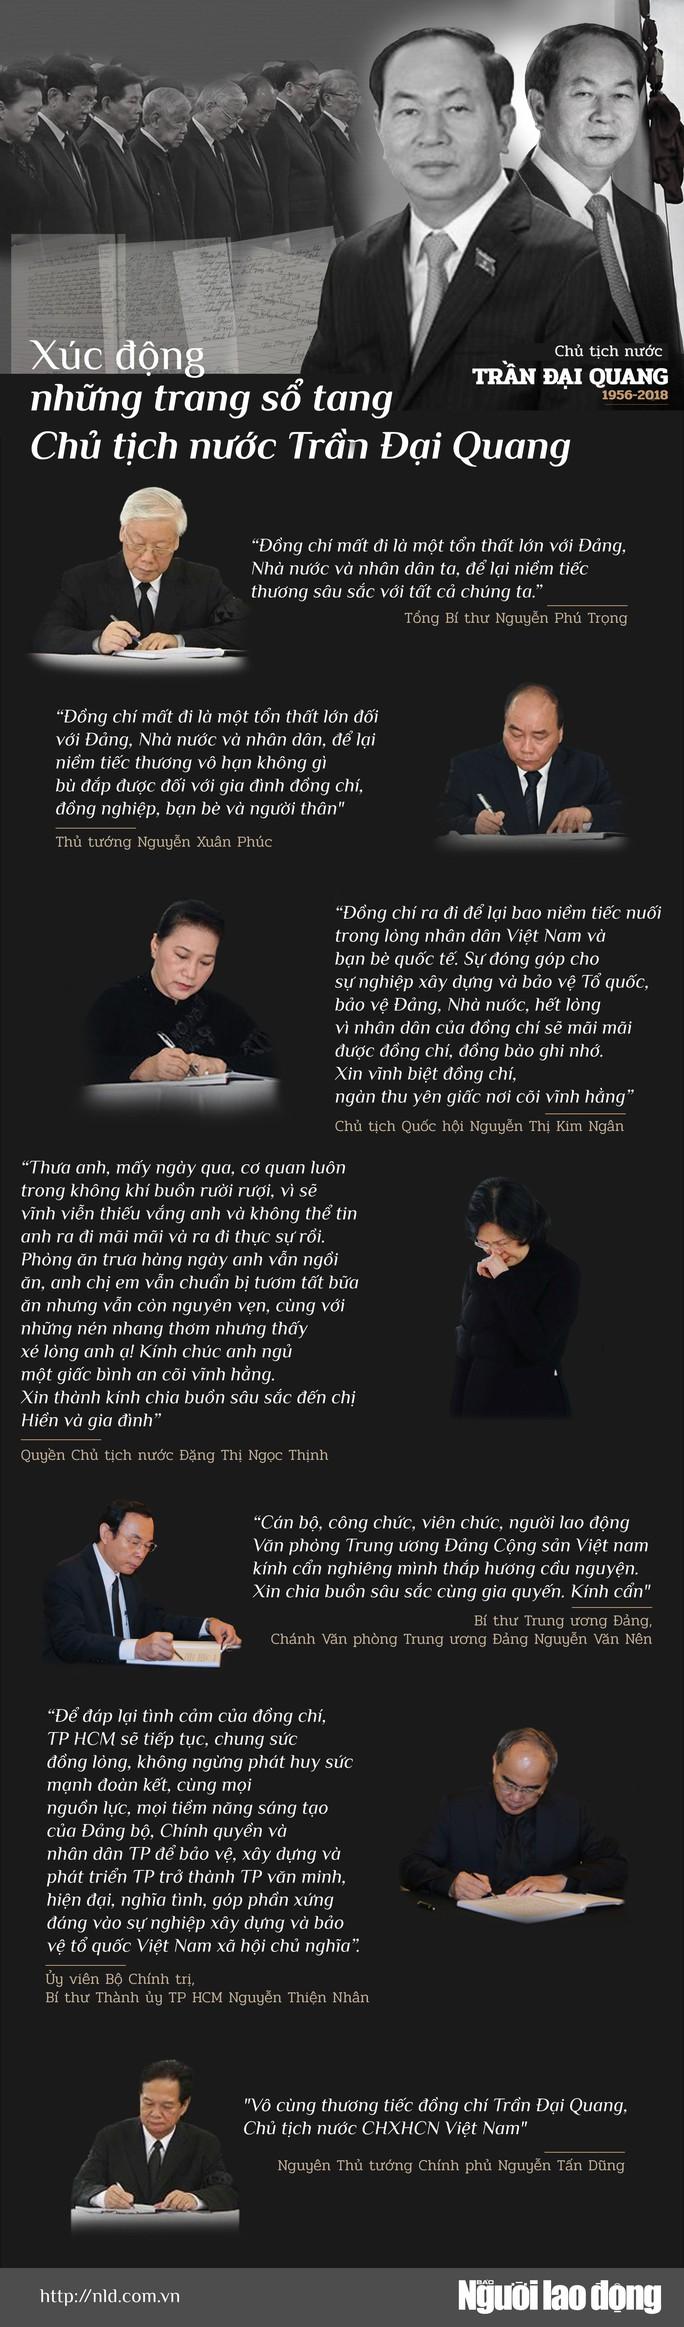 Xúc động những lời tiễn đưa Chủ tịch nước Trần Đại Quang - Ảnh 1.